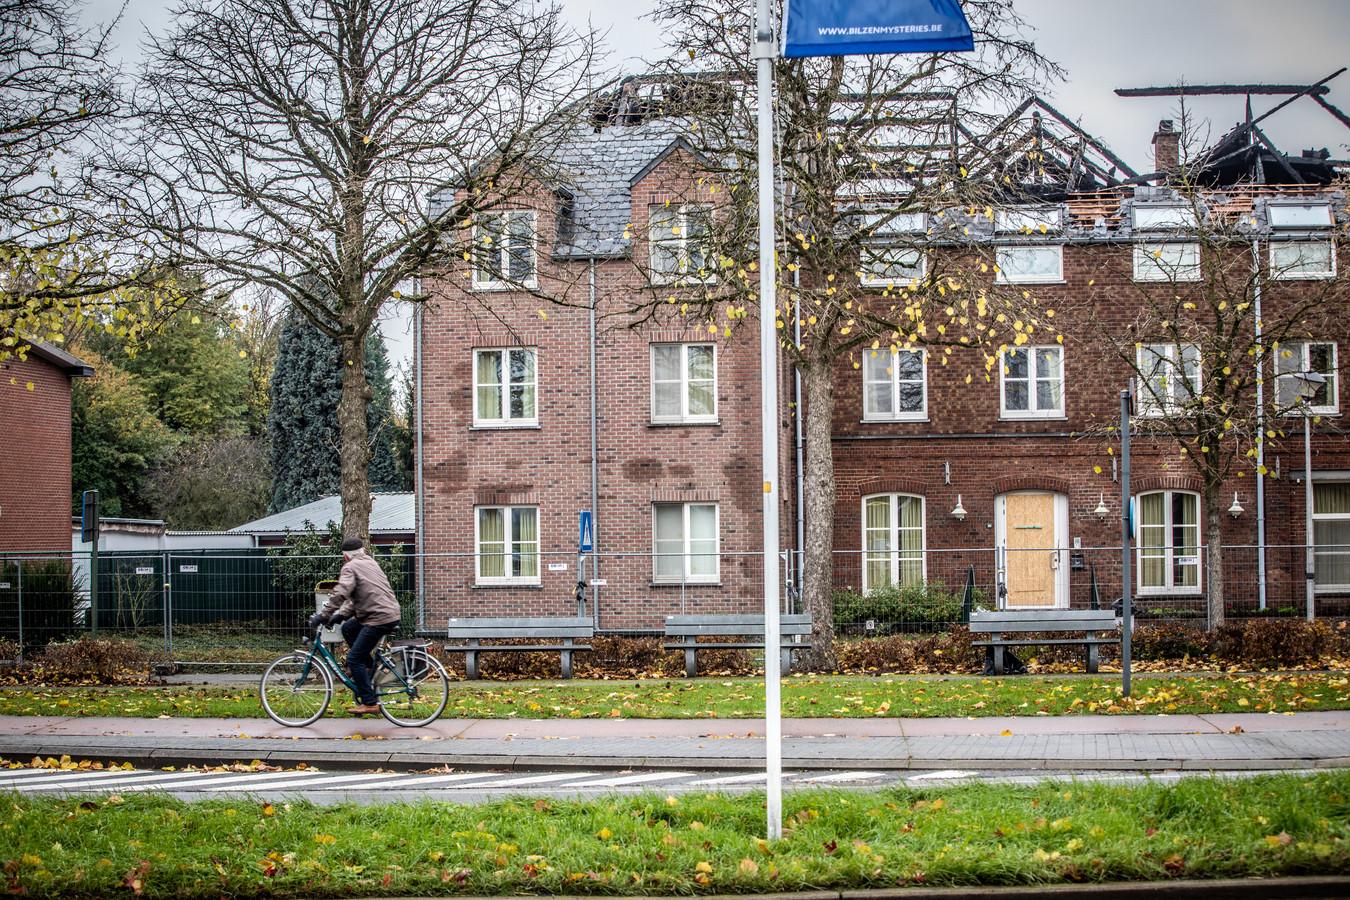 Naar aanleiding van de brand in het toekomstige asielcentrum in Bilzen, bracht Vlaams minister van Samenleven en Binnenlands Bestuur Bart Somers een werkbezoek bij burgemeester Johan Sauwens